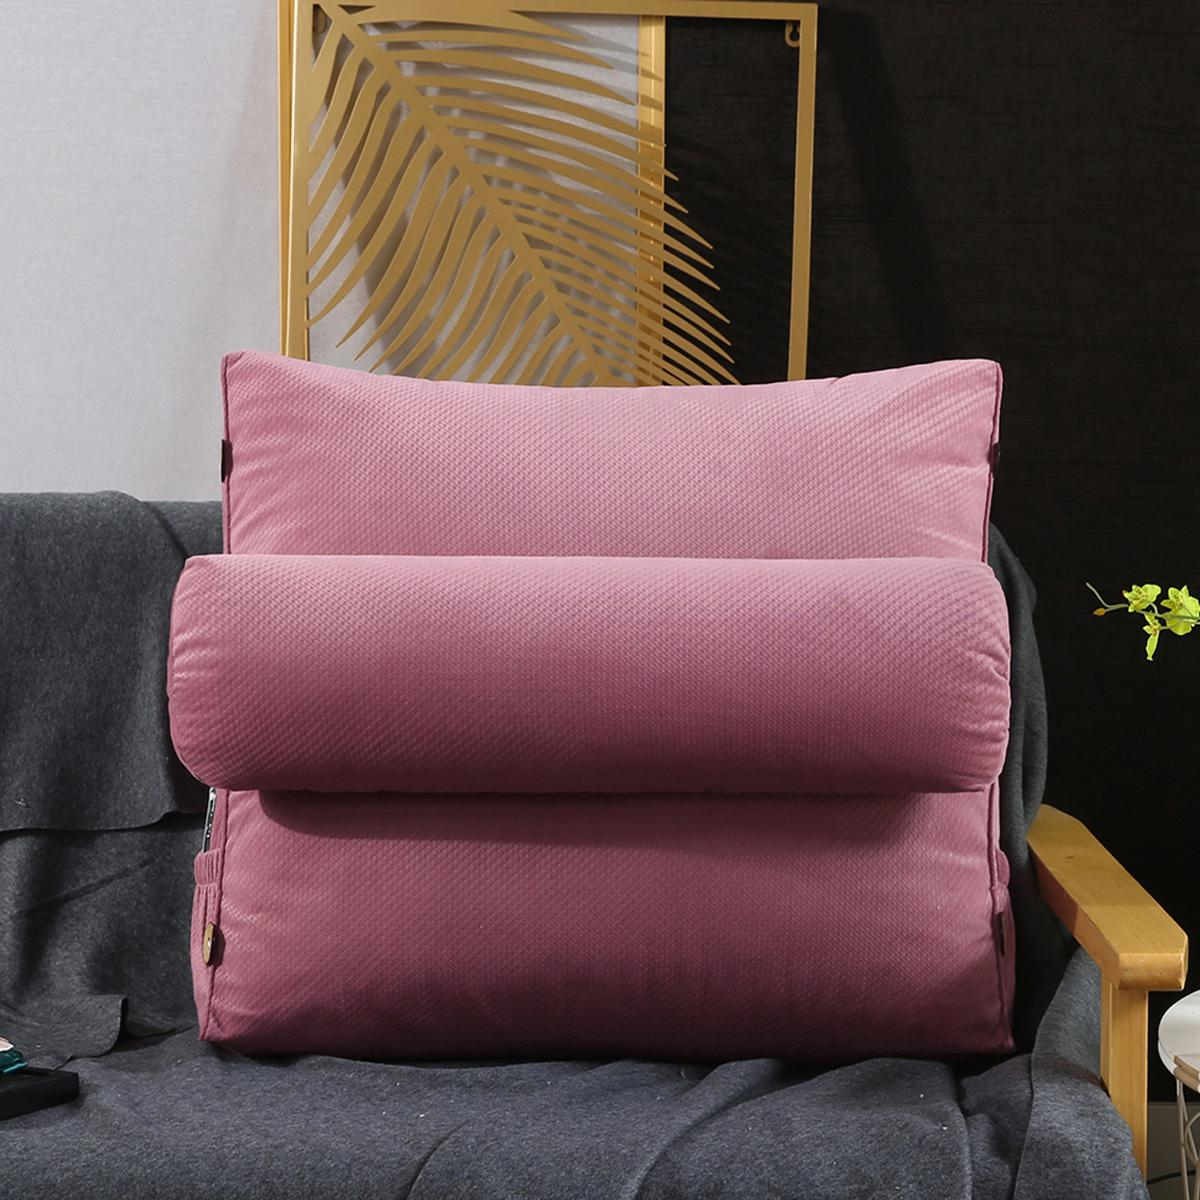 triangular wedge lumbar pillow support cushion backrest bolster soft headboard pink